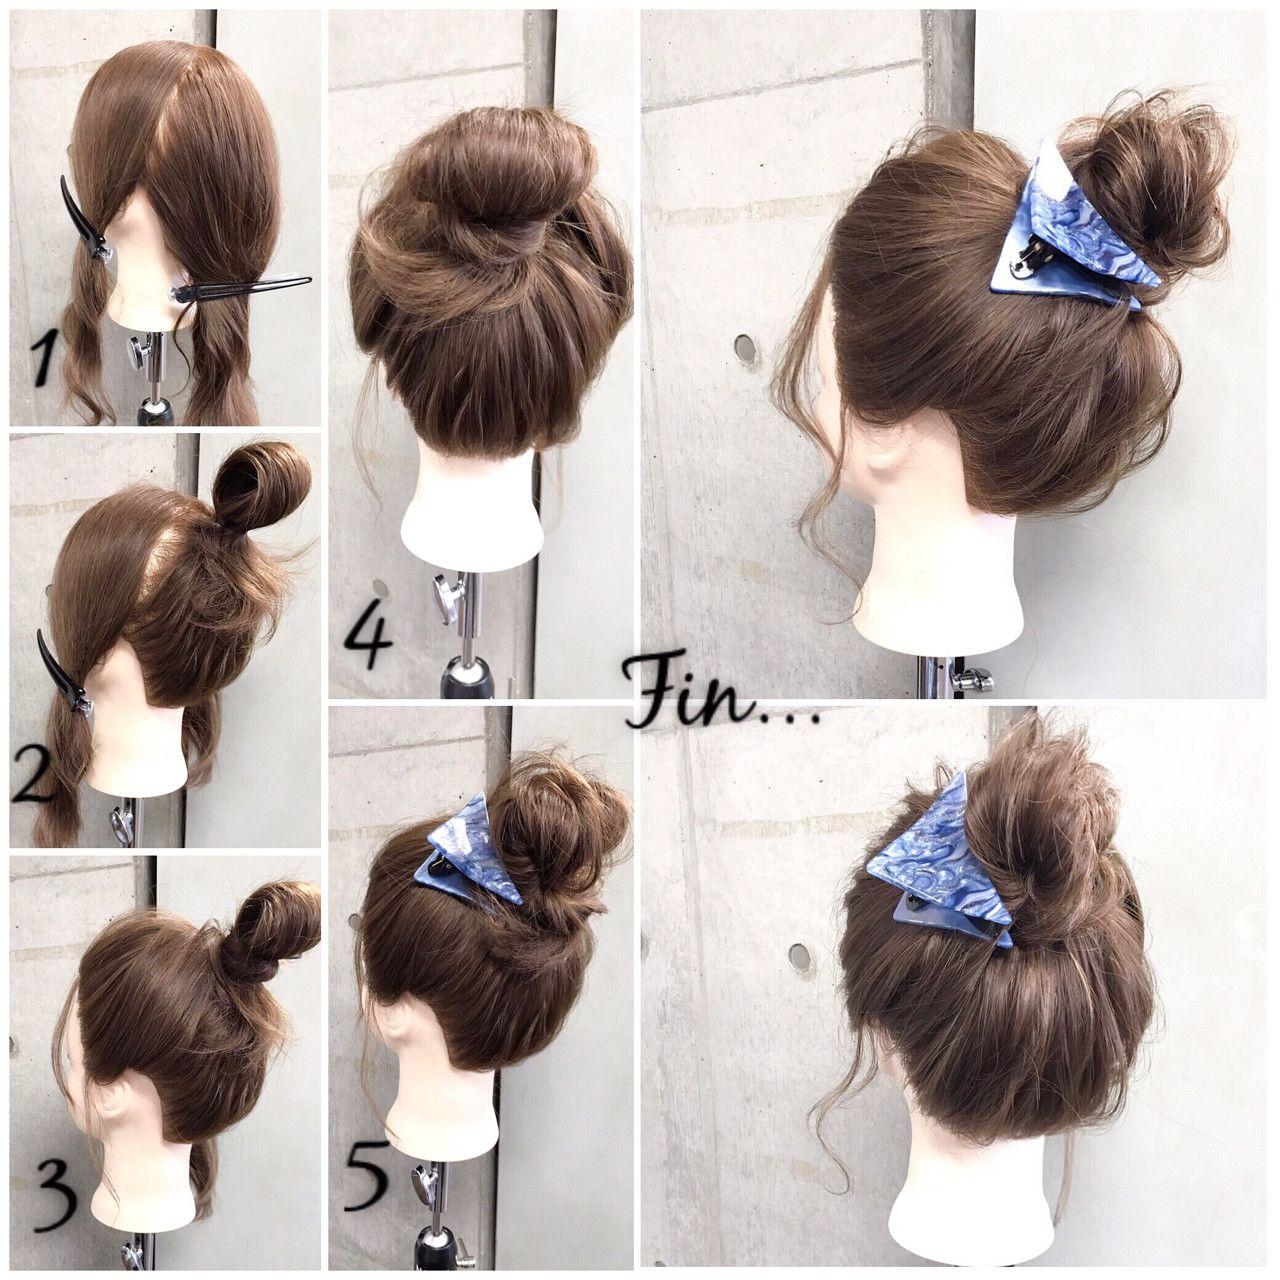 暑い日はすっきりヘアで乗り切って 簡単まとめ髪アレンジ9選 簡単